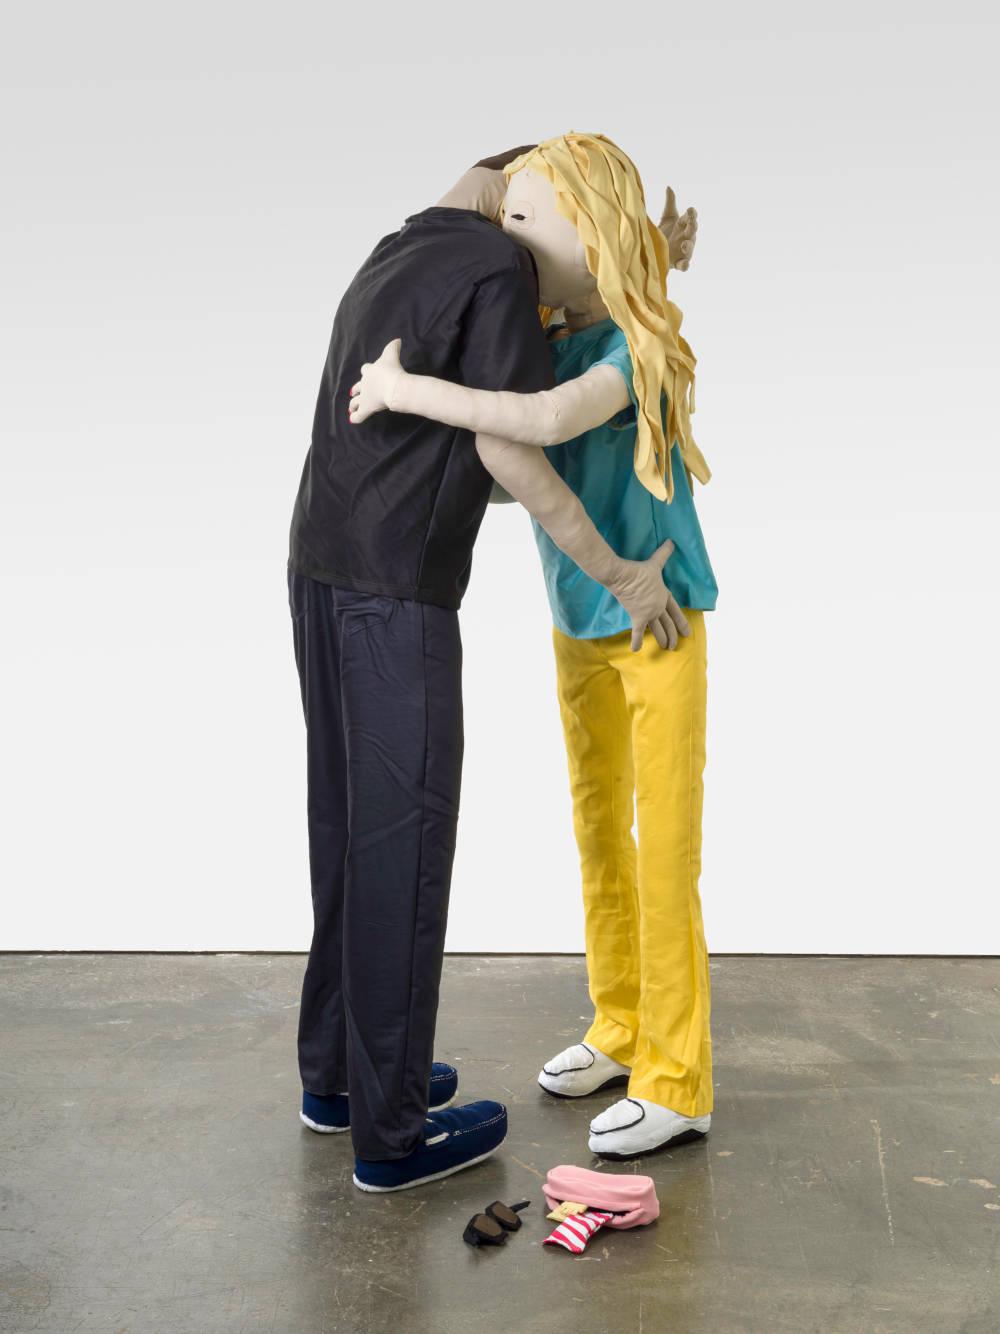 Liebespaar (Couple)